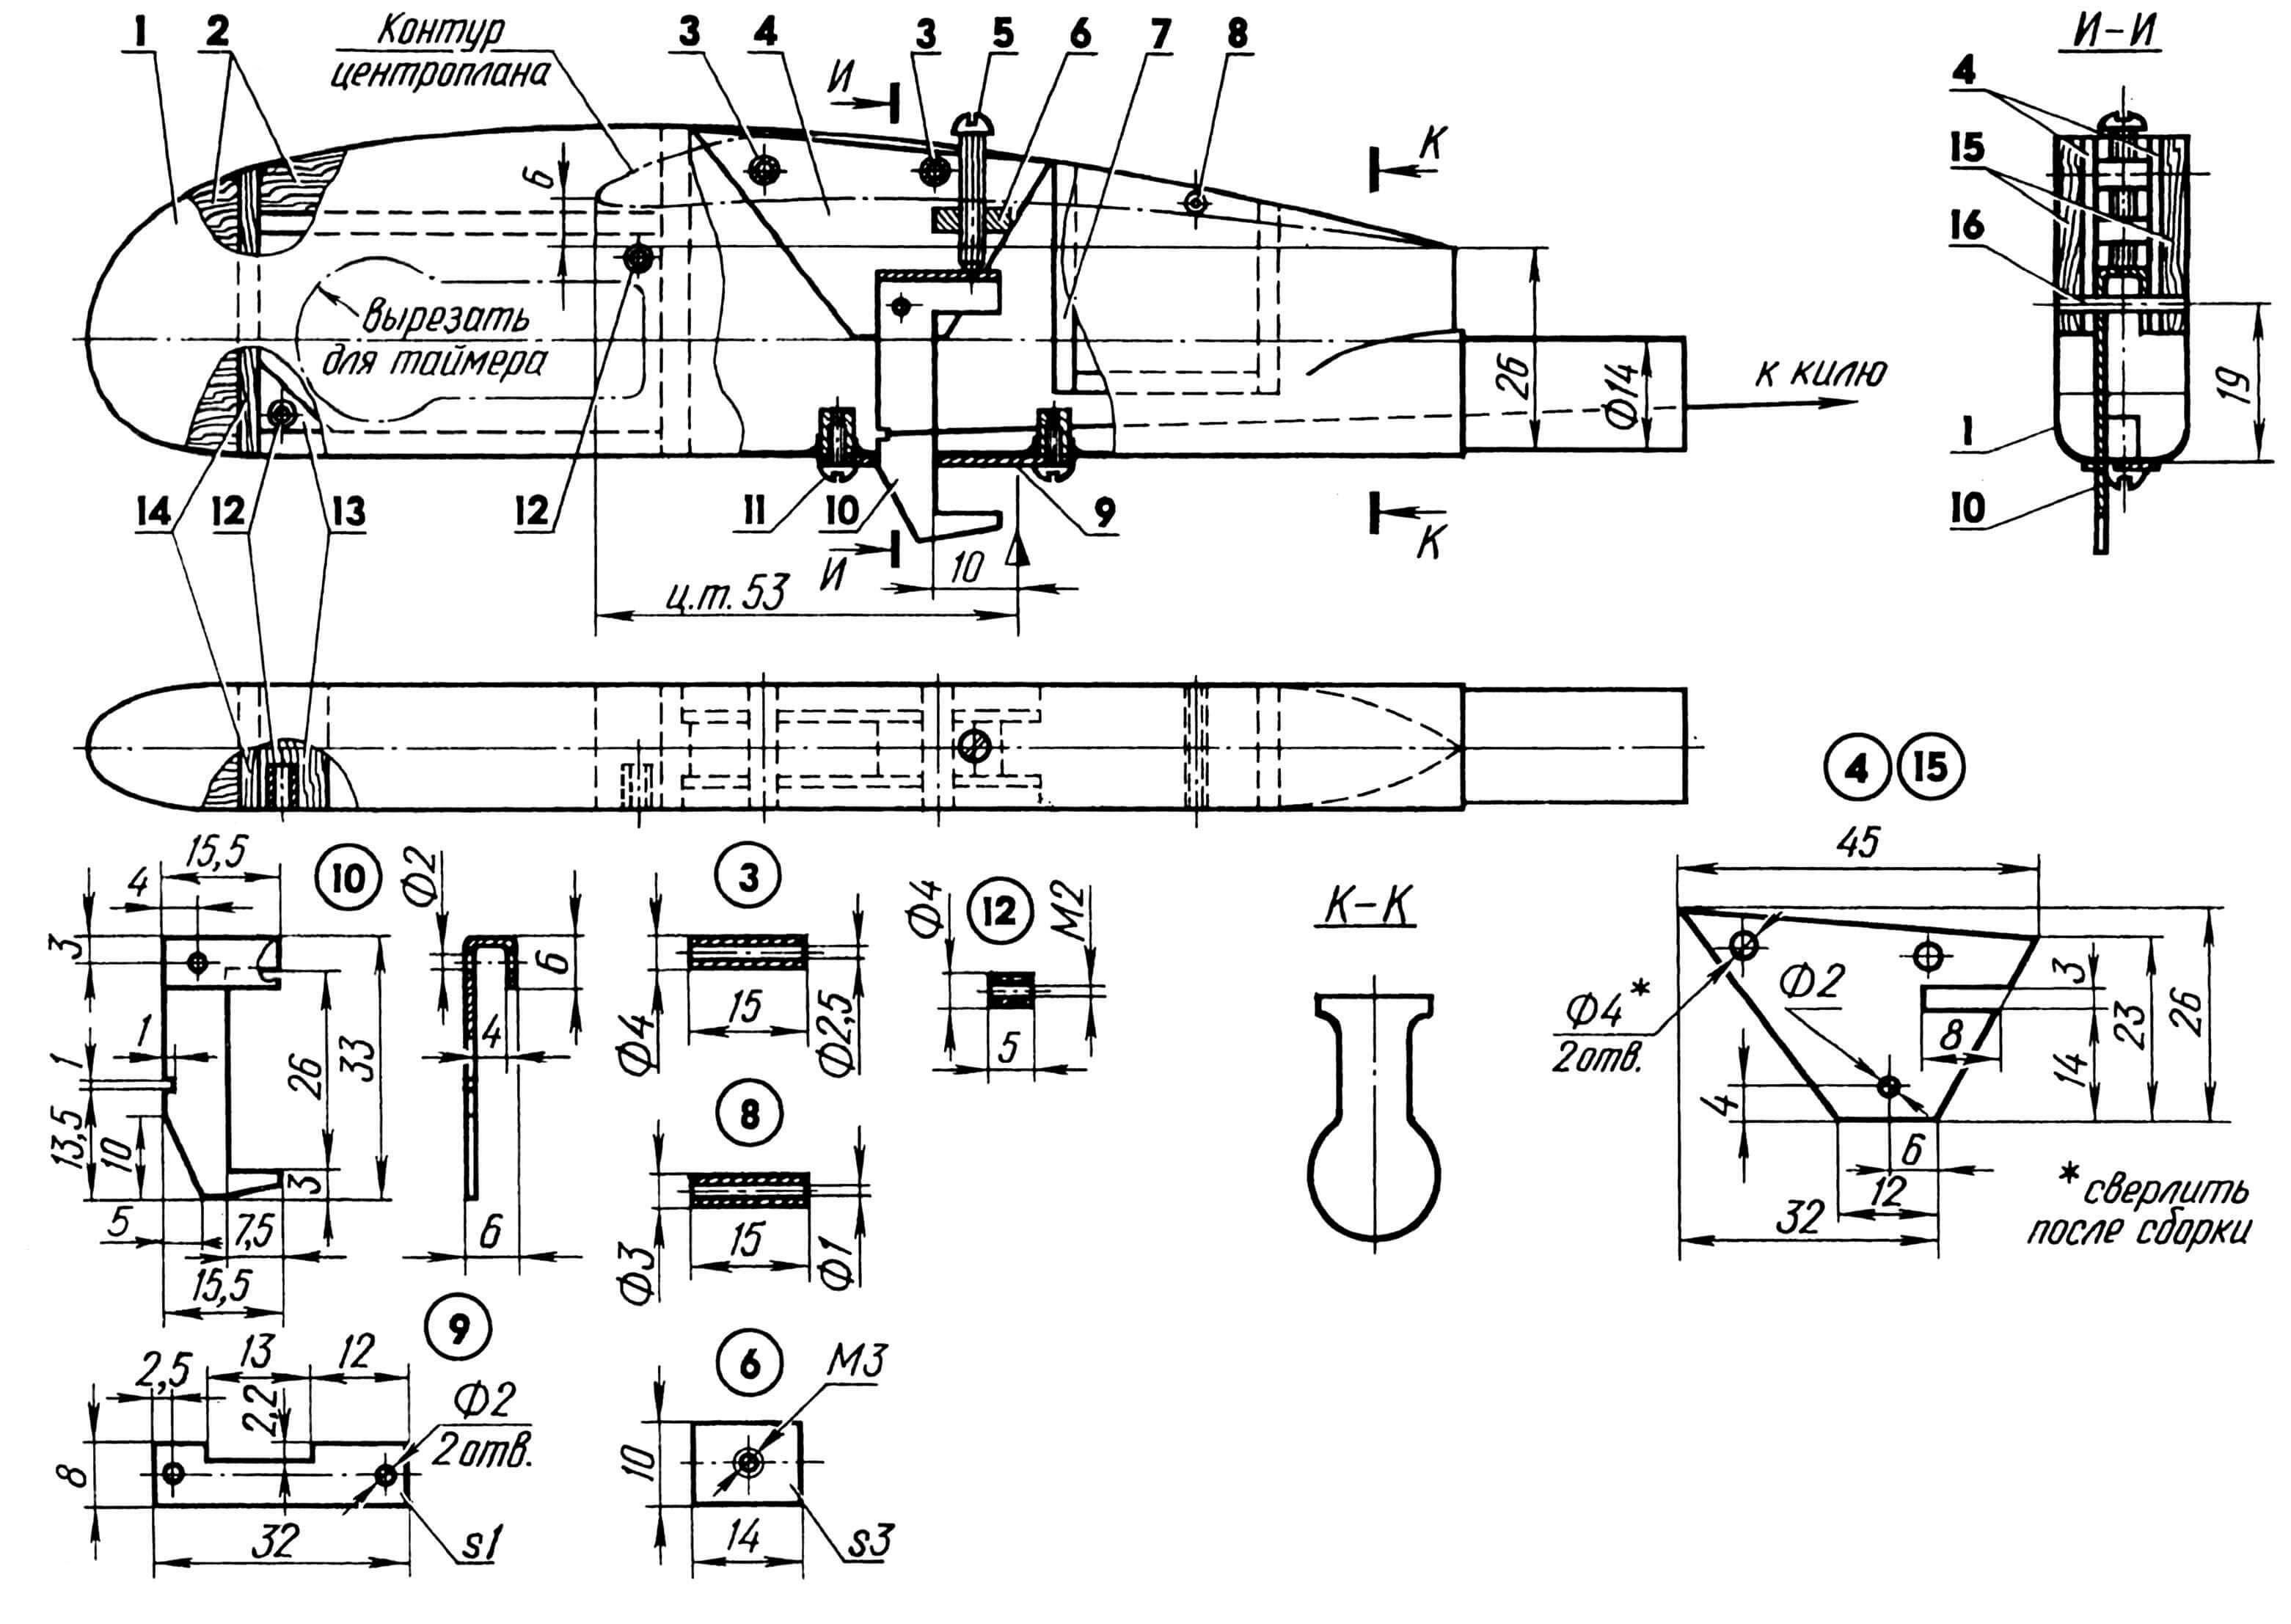 Пилон: 1 — корпус (стеклопластик); 2 — контейнеры для груза (бальза s3); 3,8 — втулки для стыковочных штырей (ЛC59); 4 — косынка фанерная (s1); 5 — винт М3, регулировочный; 6 — пластина (Д16Т s1); 7 — контейнер для груза (бальза s3); 9 — накладка (Д16Т s1); 10 — крючок буксировочный (Д16Т s1); 11 — винт М2; 12 — втулки (Д16Т, 4 шт.); 13 — уголок (бальза); 14 — стенка контейнера для таймера и груза (бальза s3); 15 — косынки бальзовые (s3); 16 — ось буксировочного крючка (проволока ОВС ᴓ2, L15).